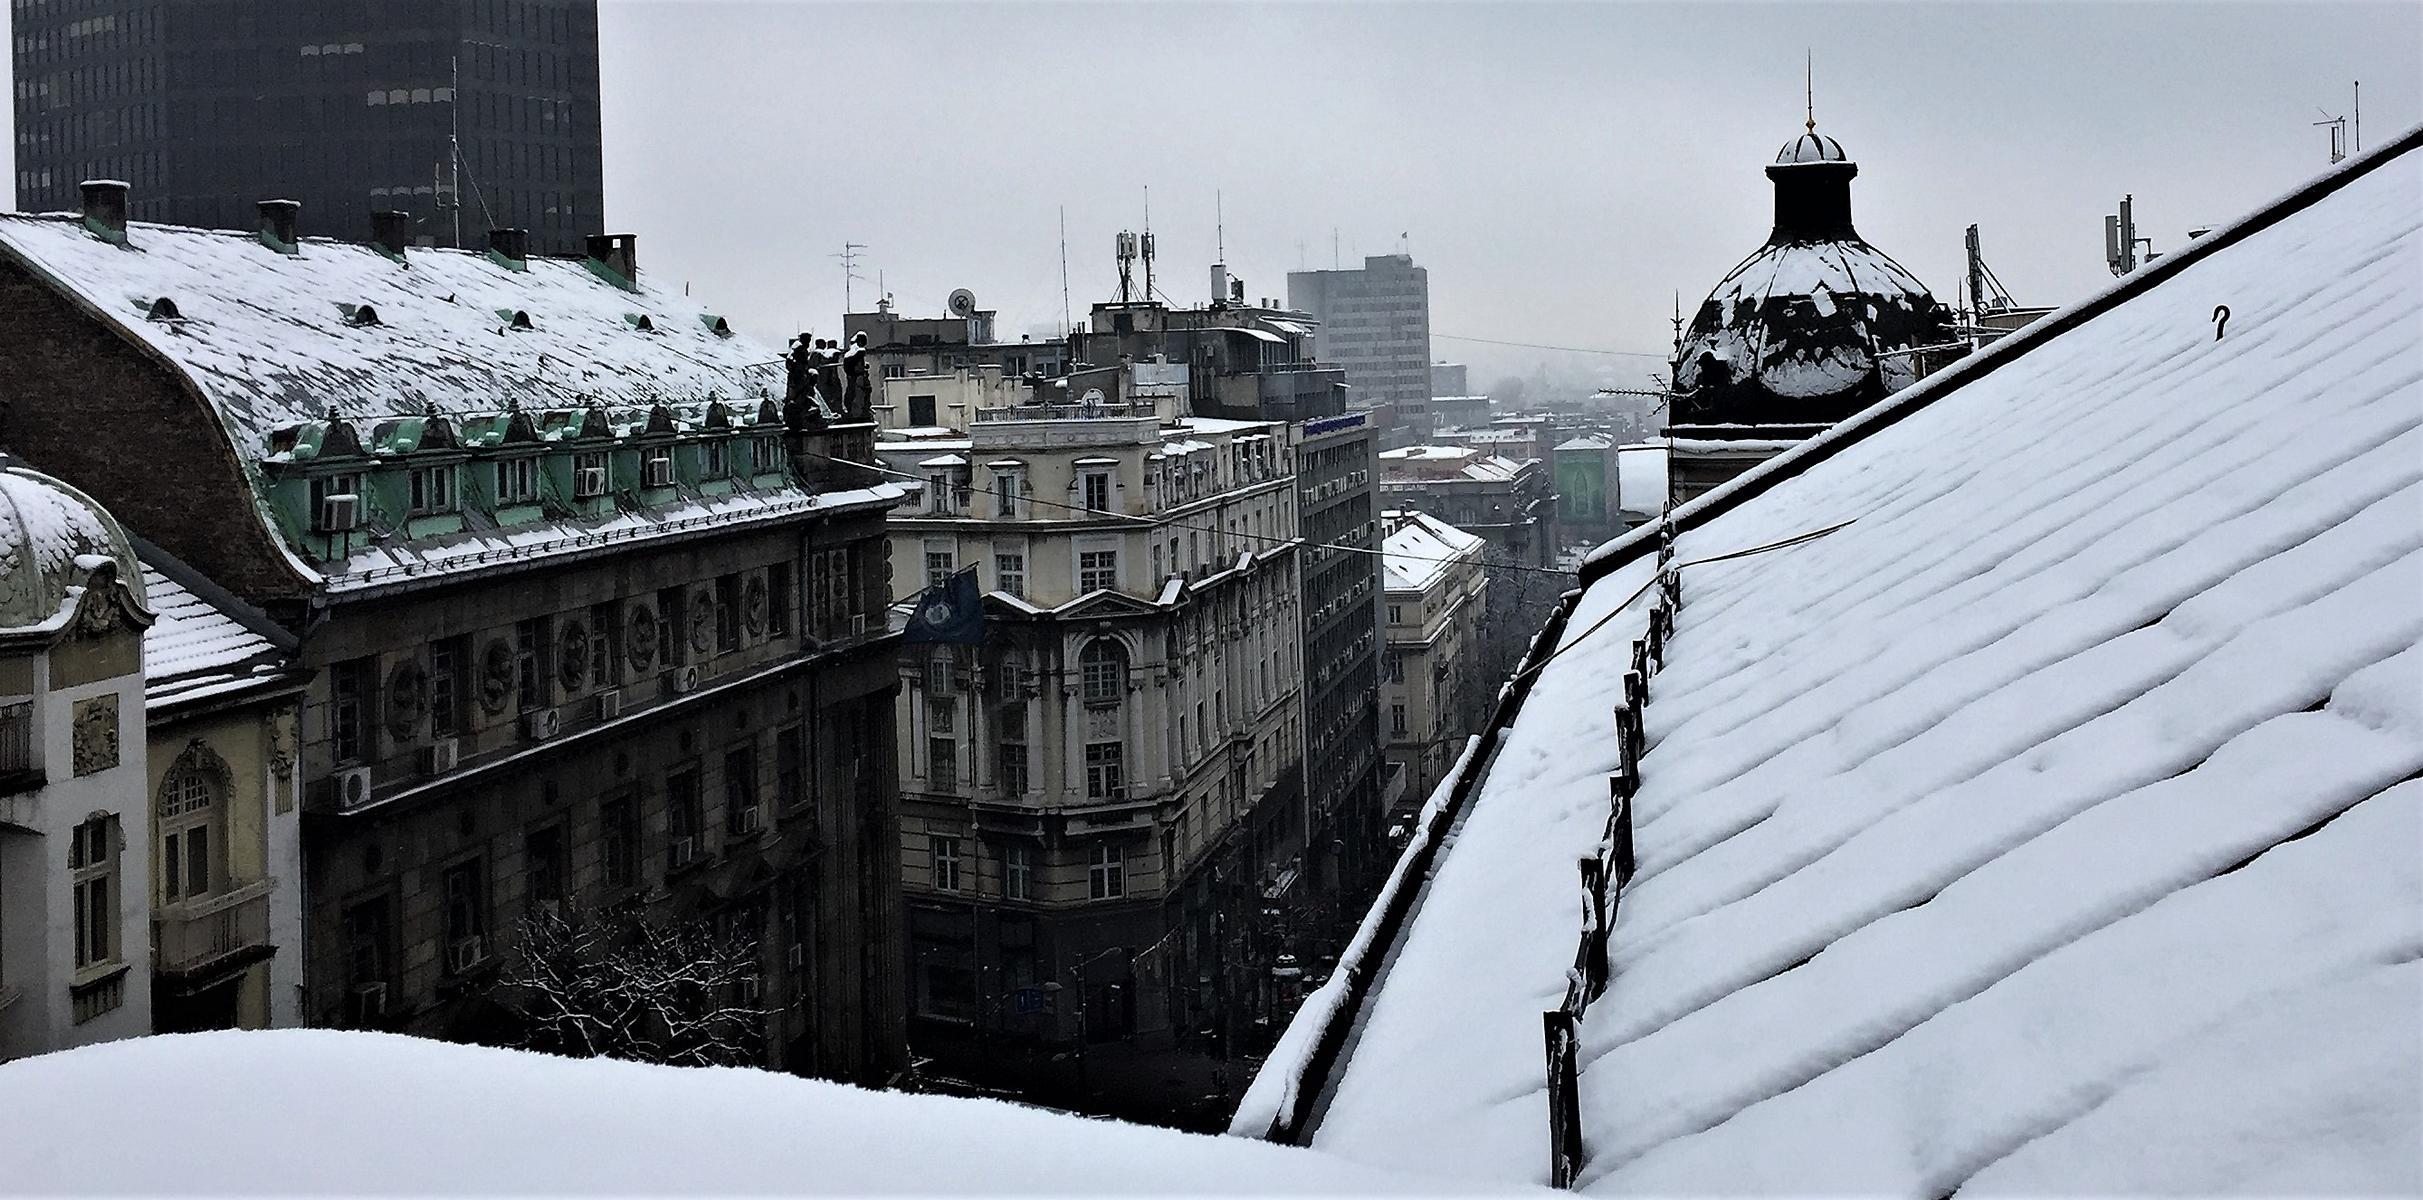 Von meinem Balkon aus, schaue ich in den Schnee - aber nur kurz: Schon wieder ist er weg.